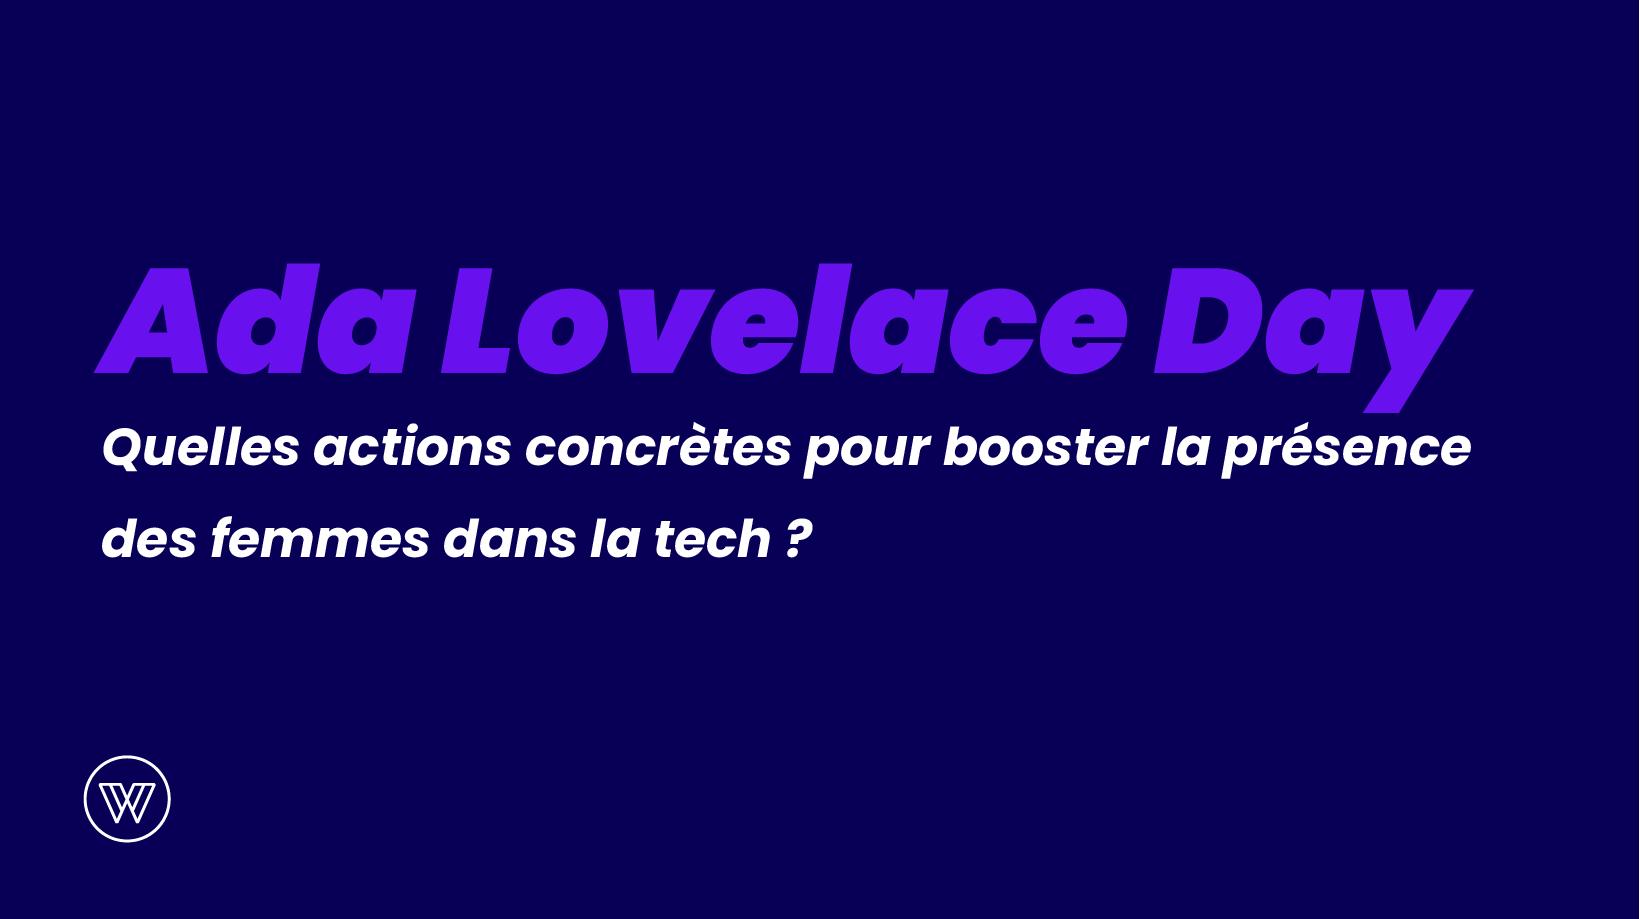 Ada-Lovelace-Day-WILLA-84